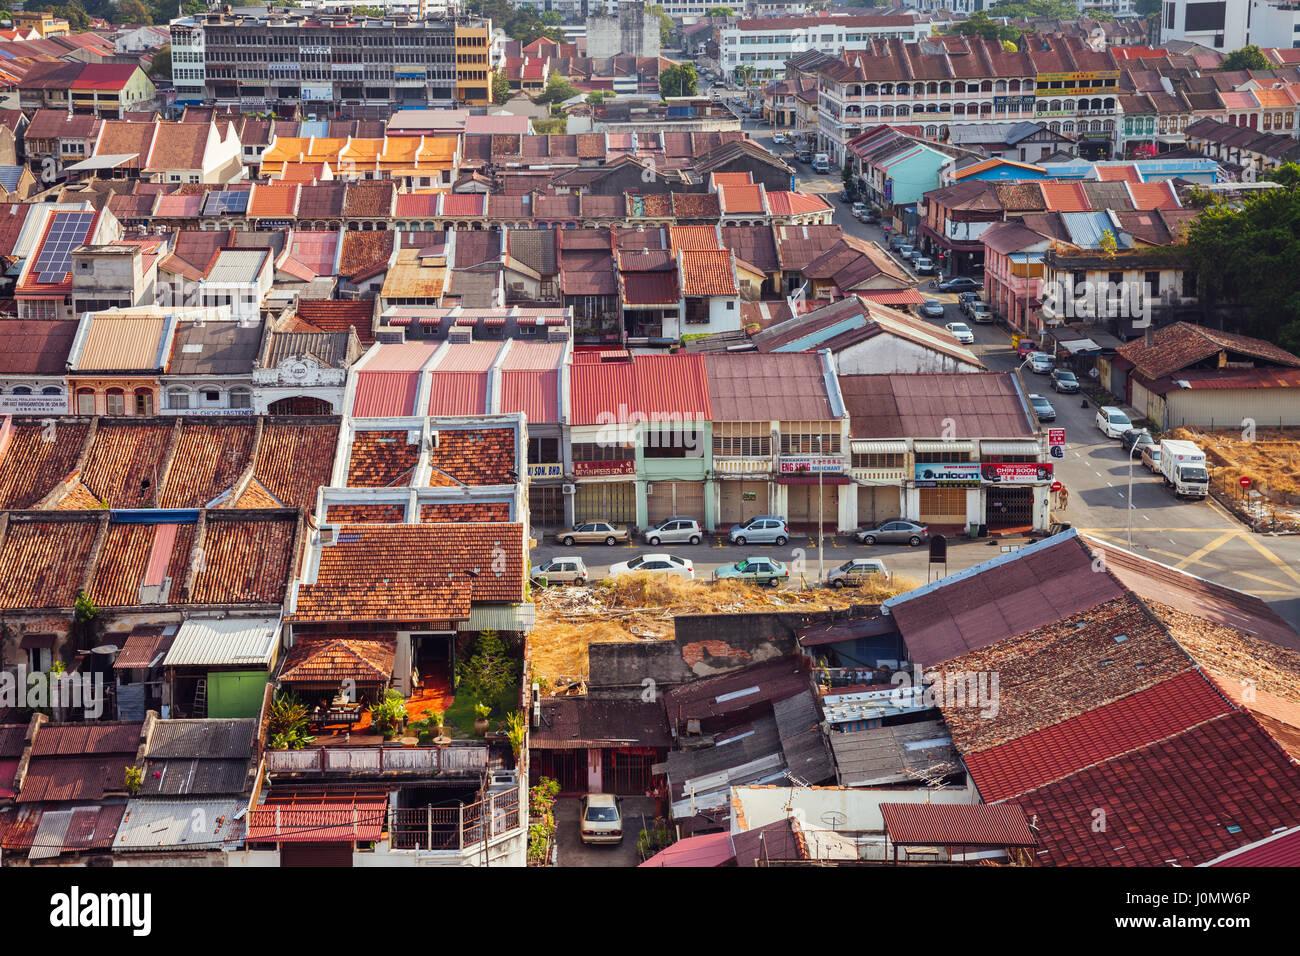 Georgetown, Malaisie - Mars 27, 2016: vue panoramique sur le quartier historique de Georgetown le 27 mars Photo Stock